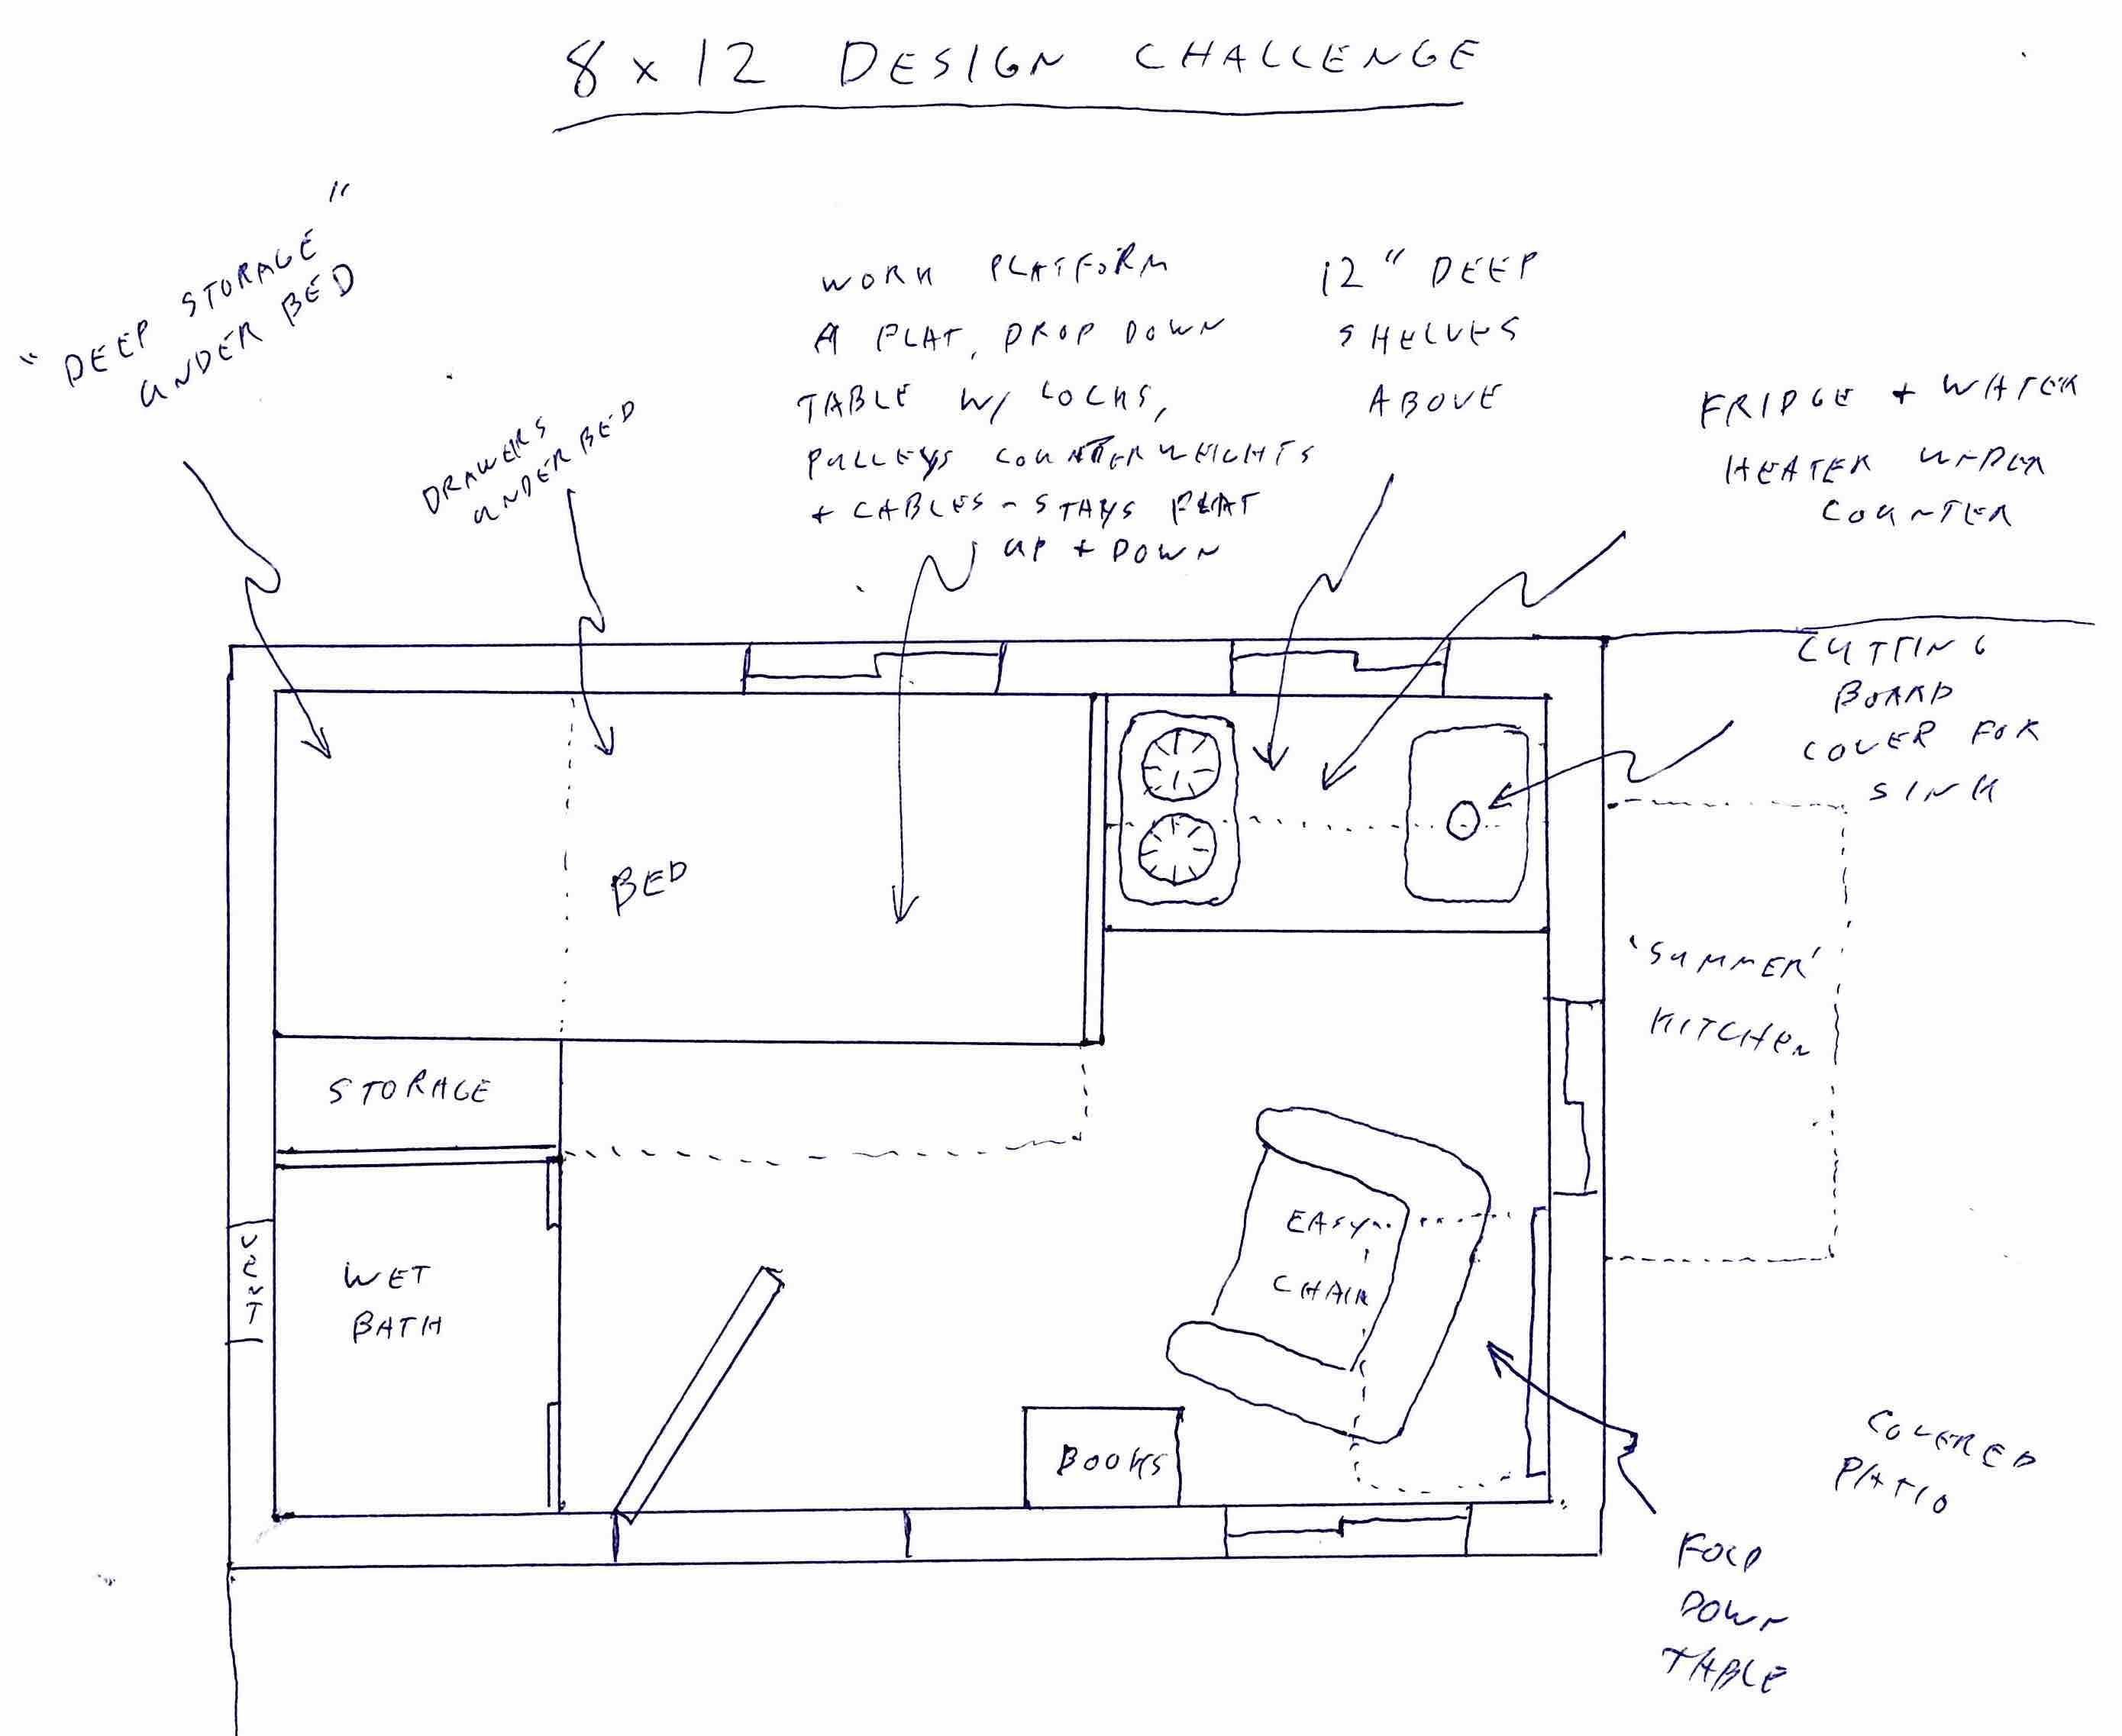 Dennis Main's 8x12 Tiny House Design